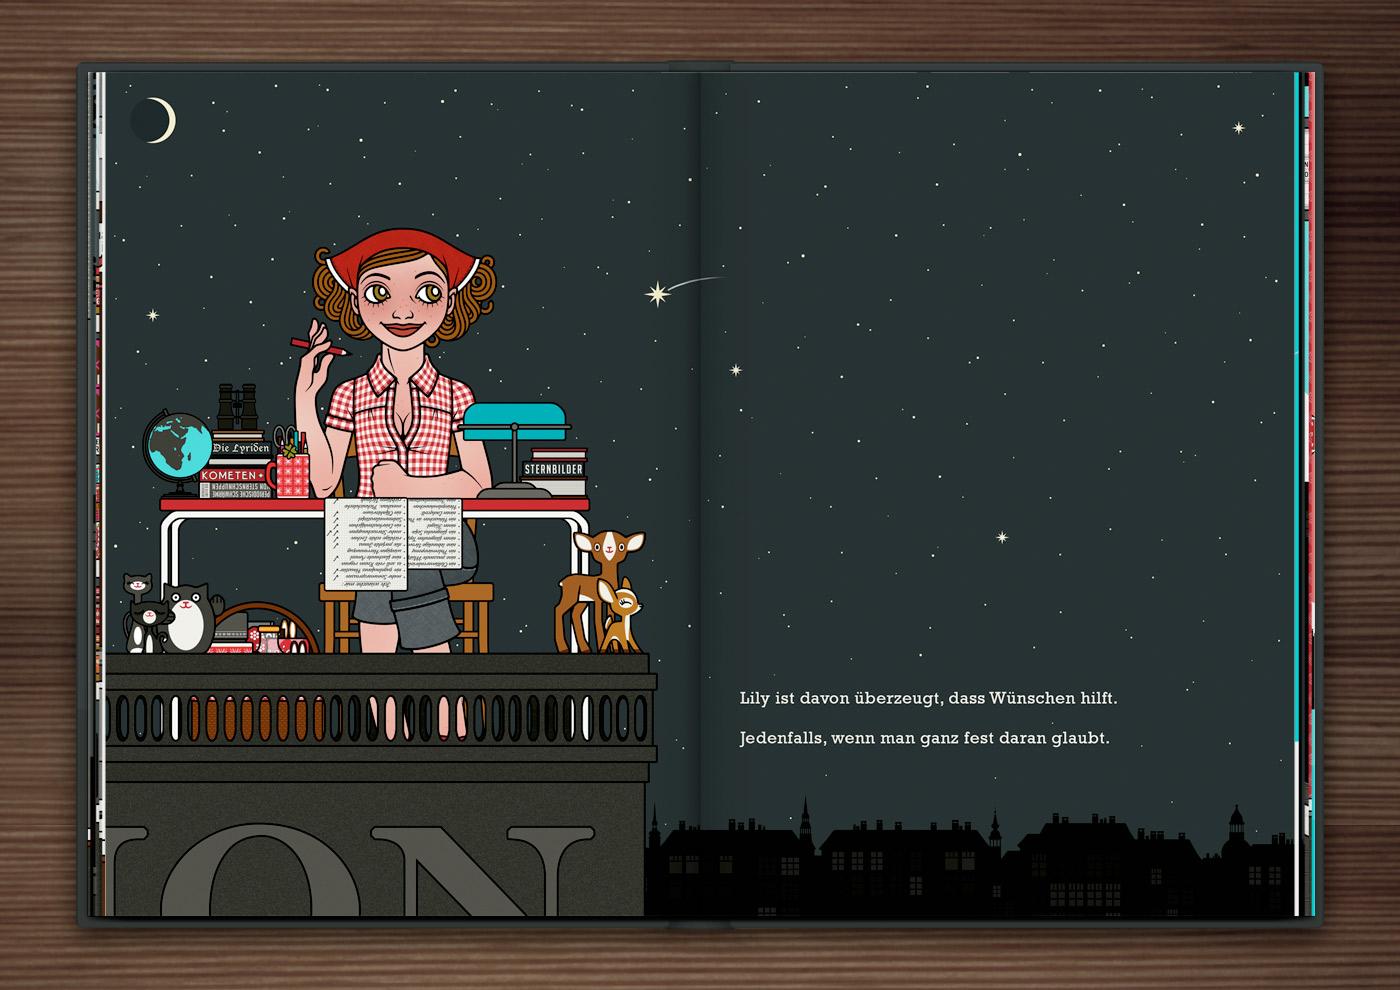 Zeichnung von einem Mädchen, das mit Schreibtisch, Stuhl, Tischlampe, Globus, Fernglas und Büchern bei Nacht auf einem Dach sitzt, Stenschnuppen beoachtet und Wünsche auf einer Liste abhakt, im Buch Die wunderbare Welt der Lily Lux